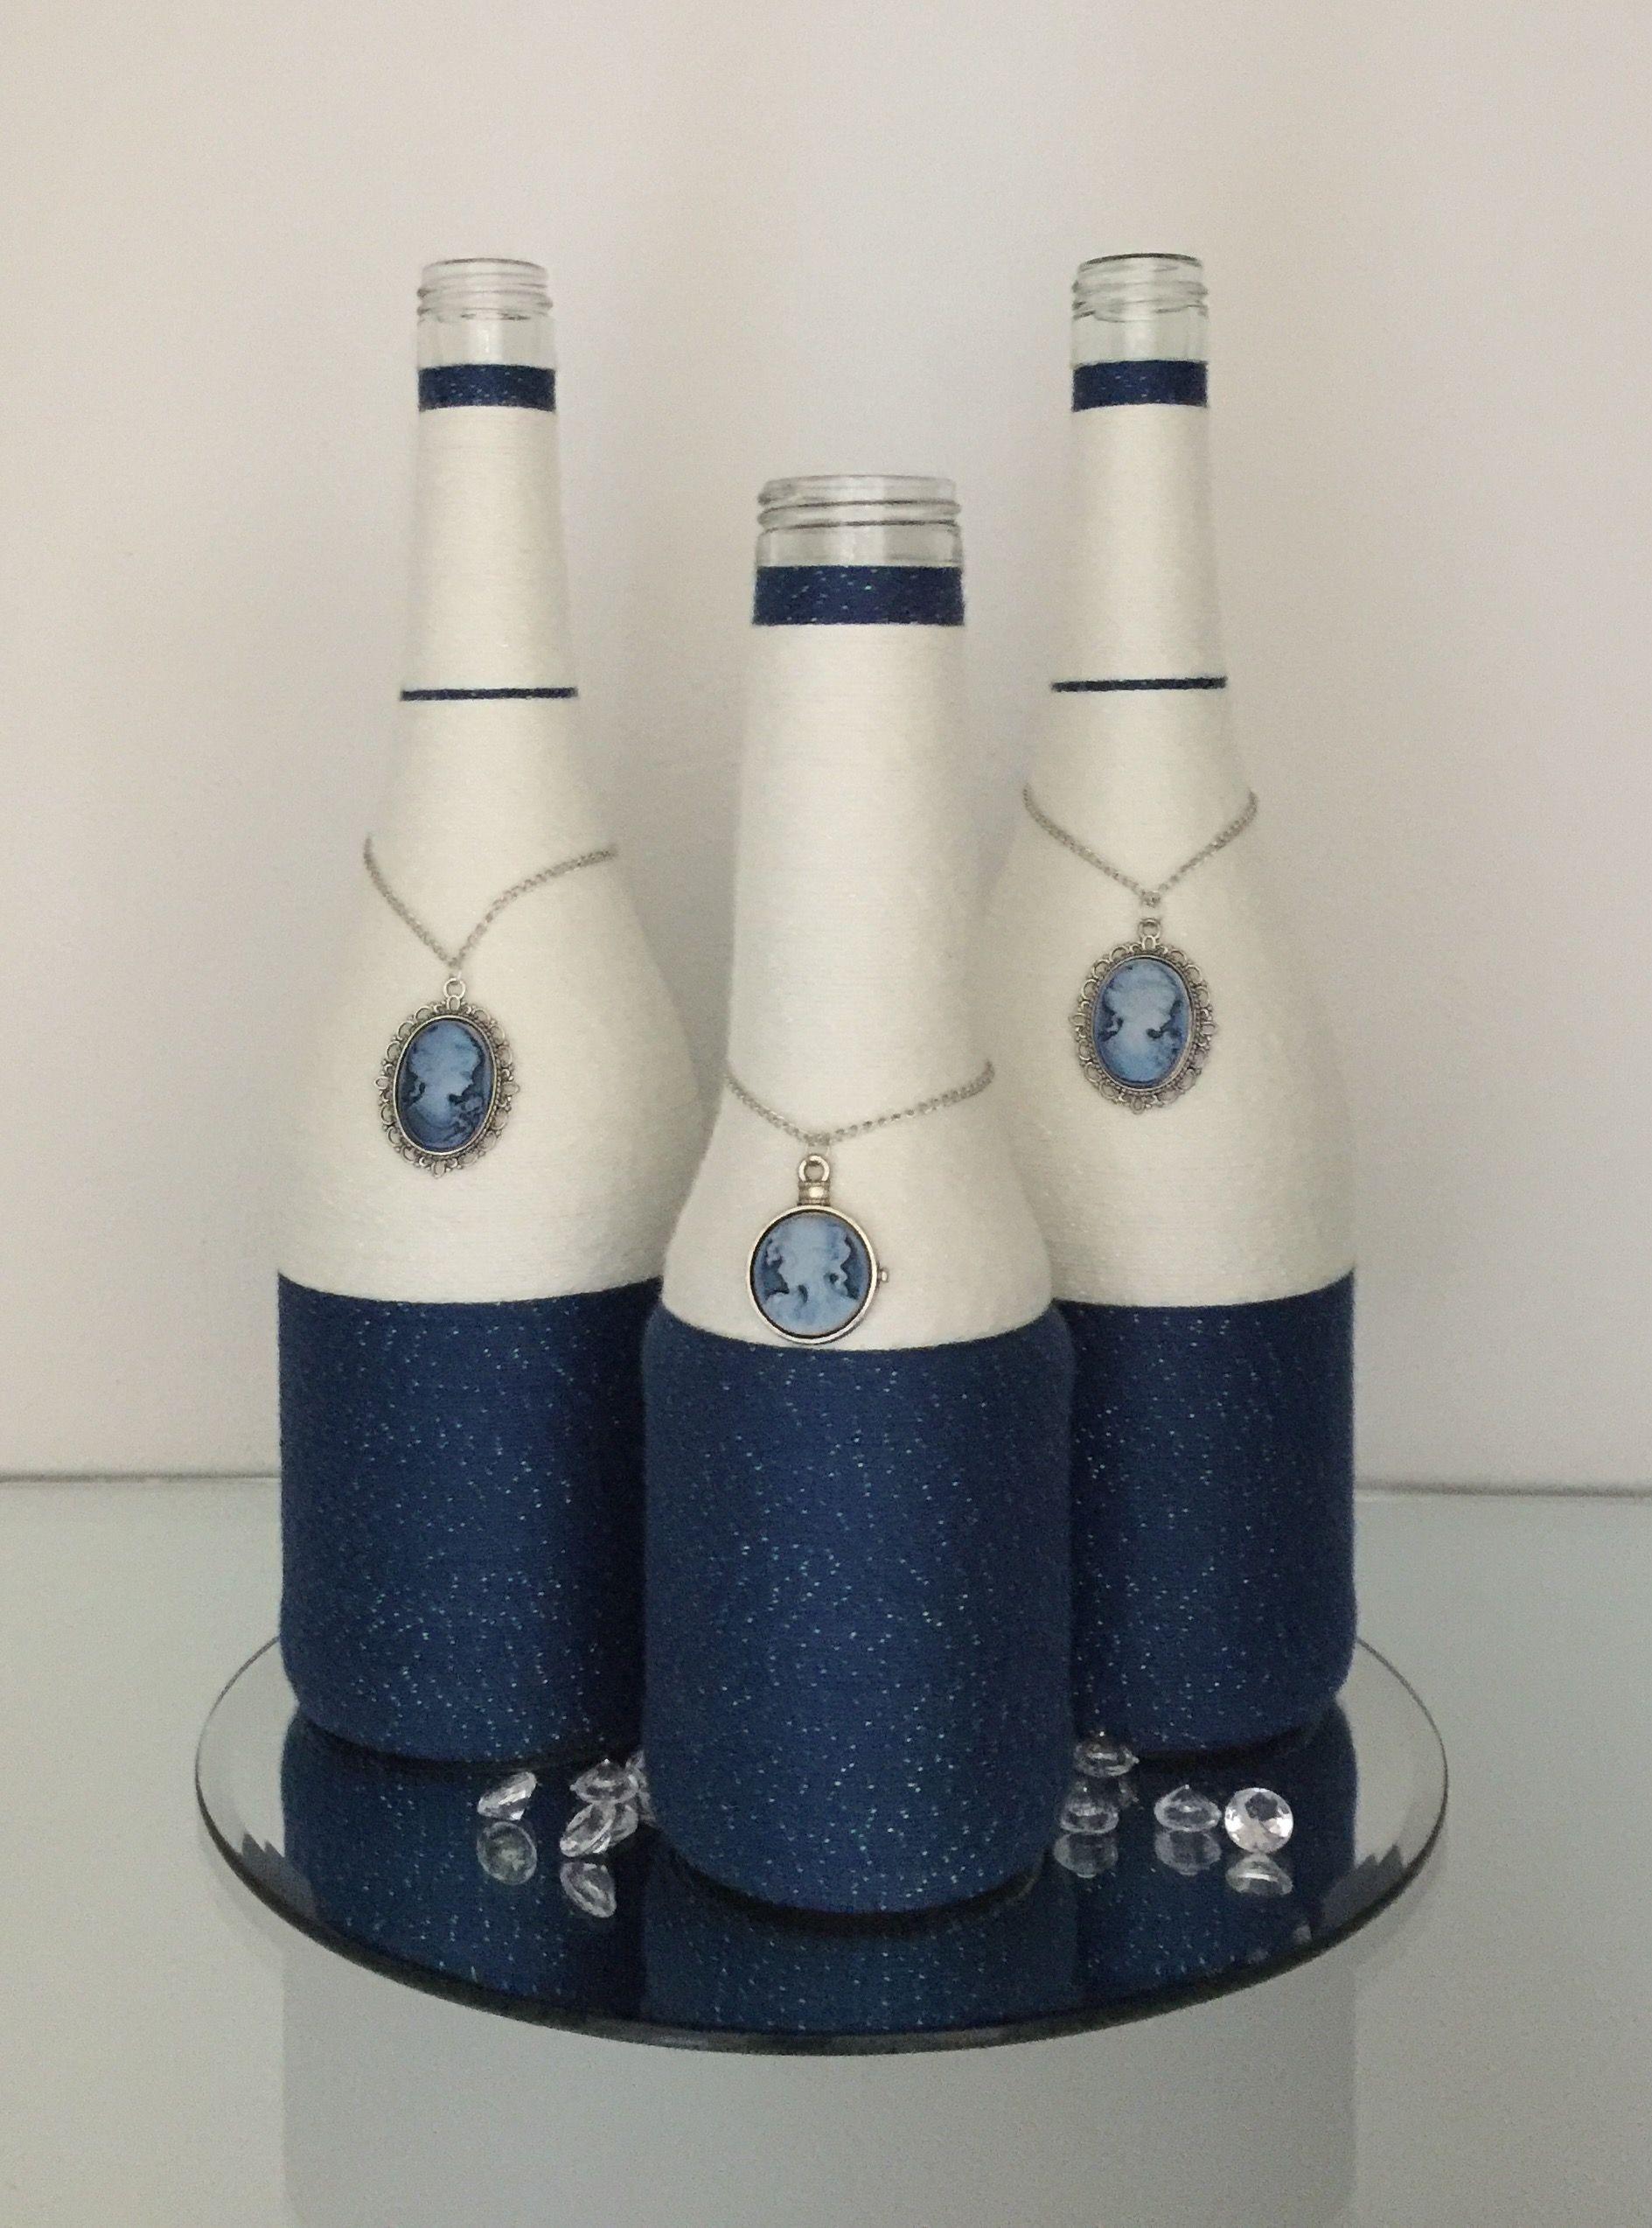 decorao de garrafa com barbante com pingente